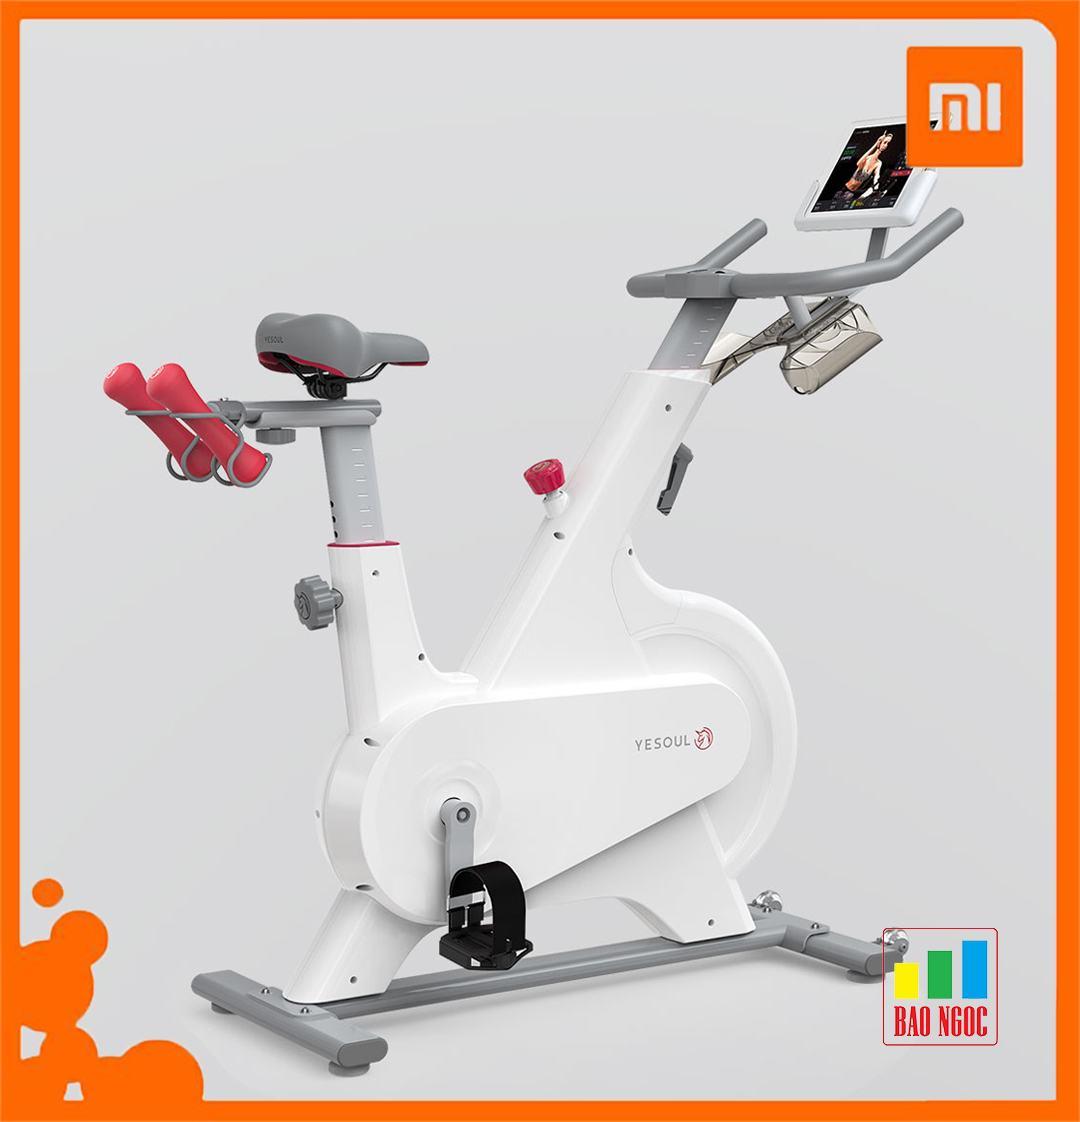 Máy tập xe đạp Yeseoul M1